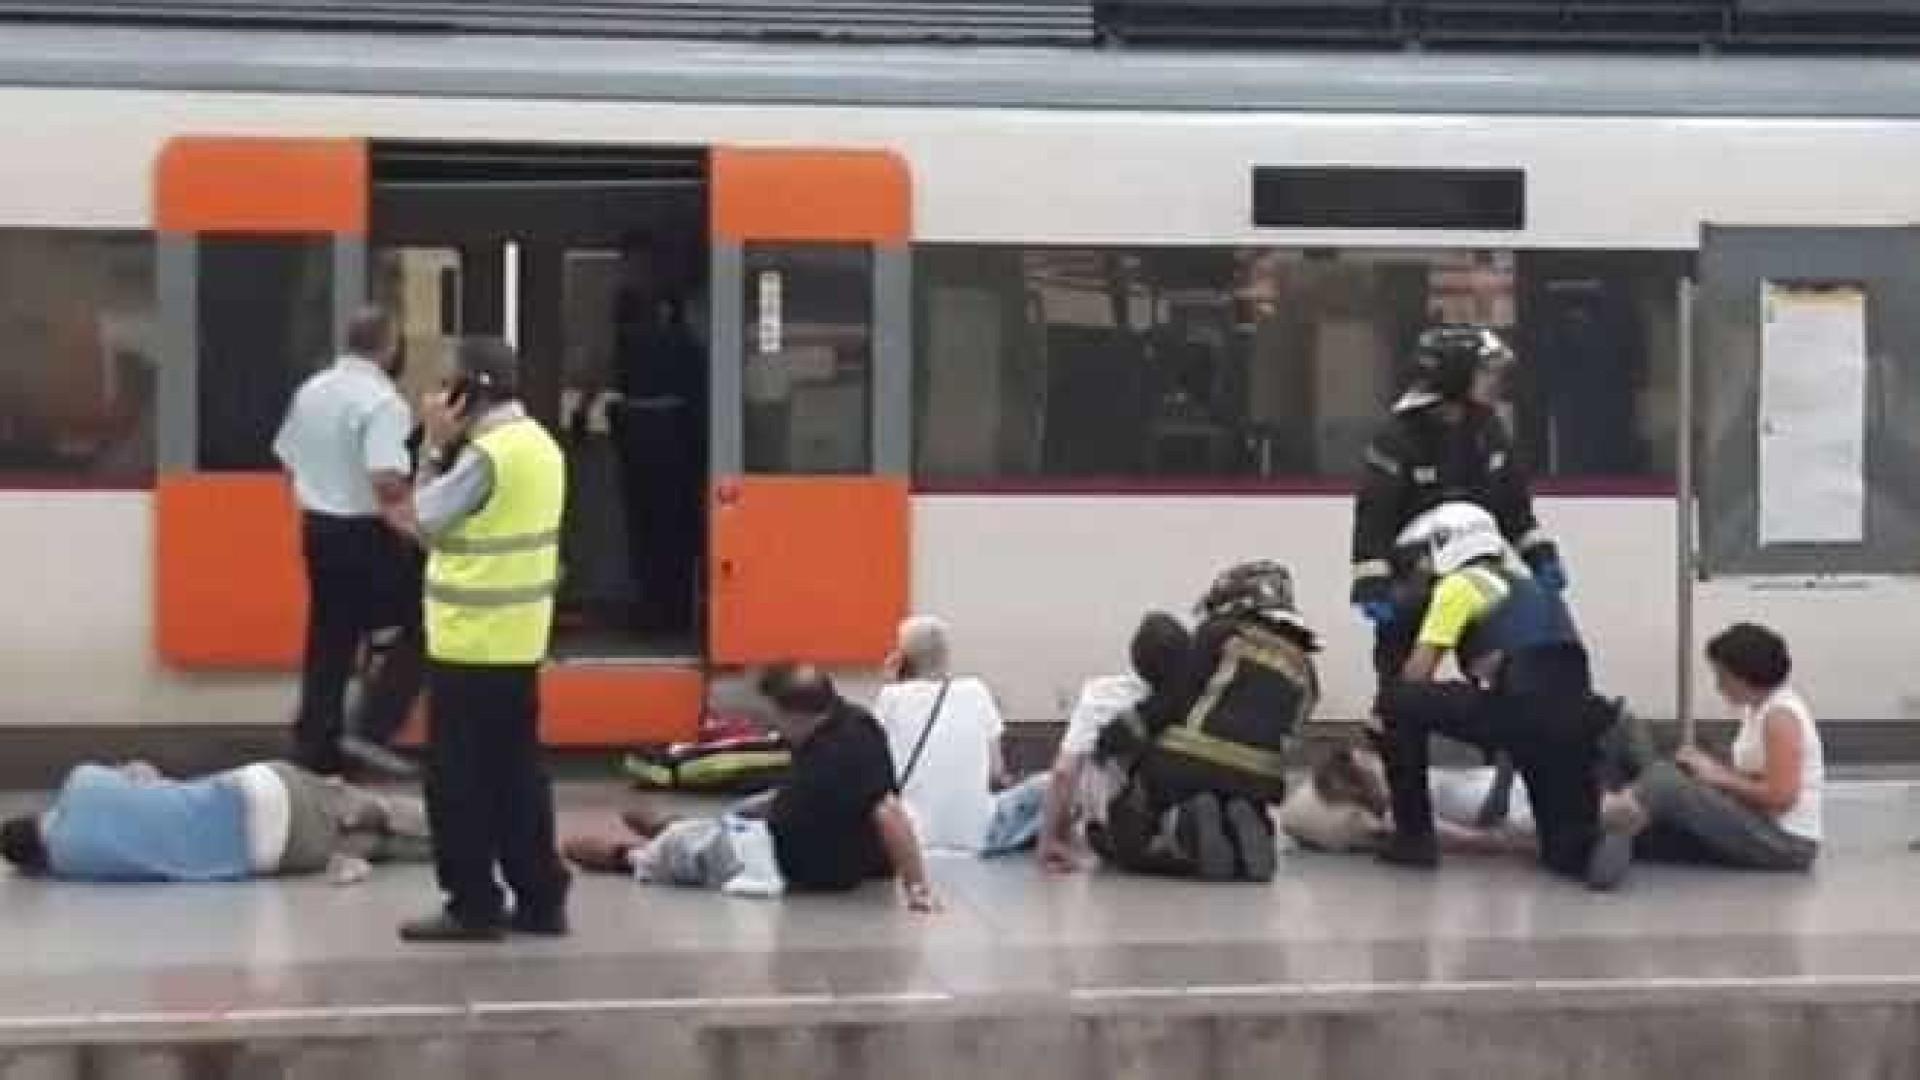 Pelo menos 20 feridos em acidente ferroviário em Barcelona